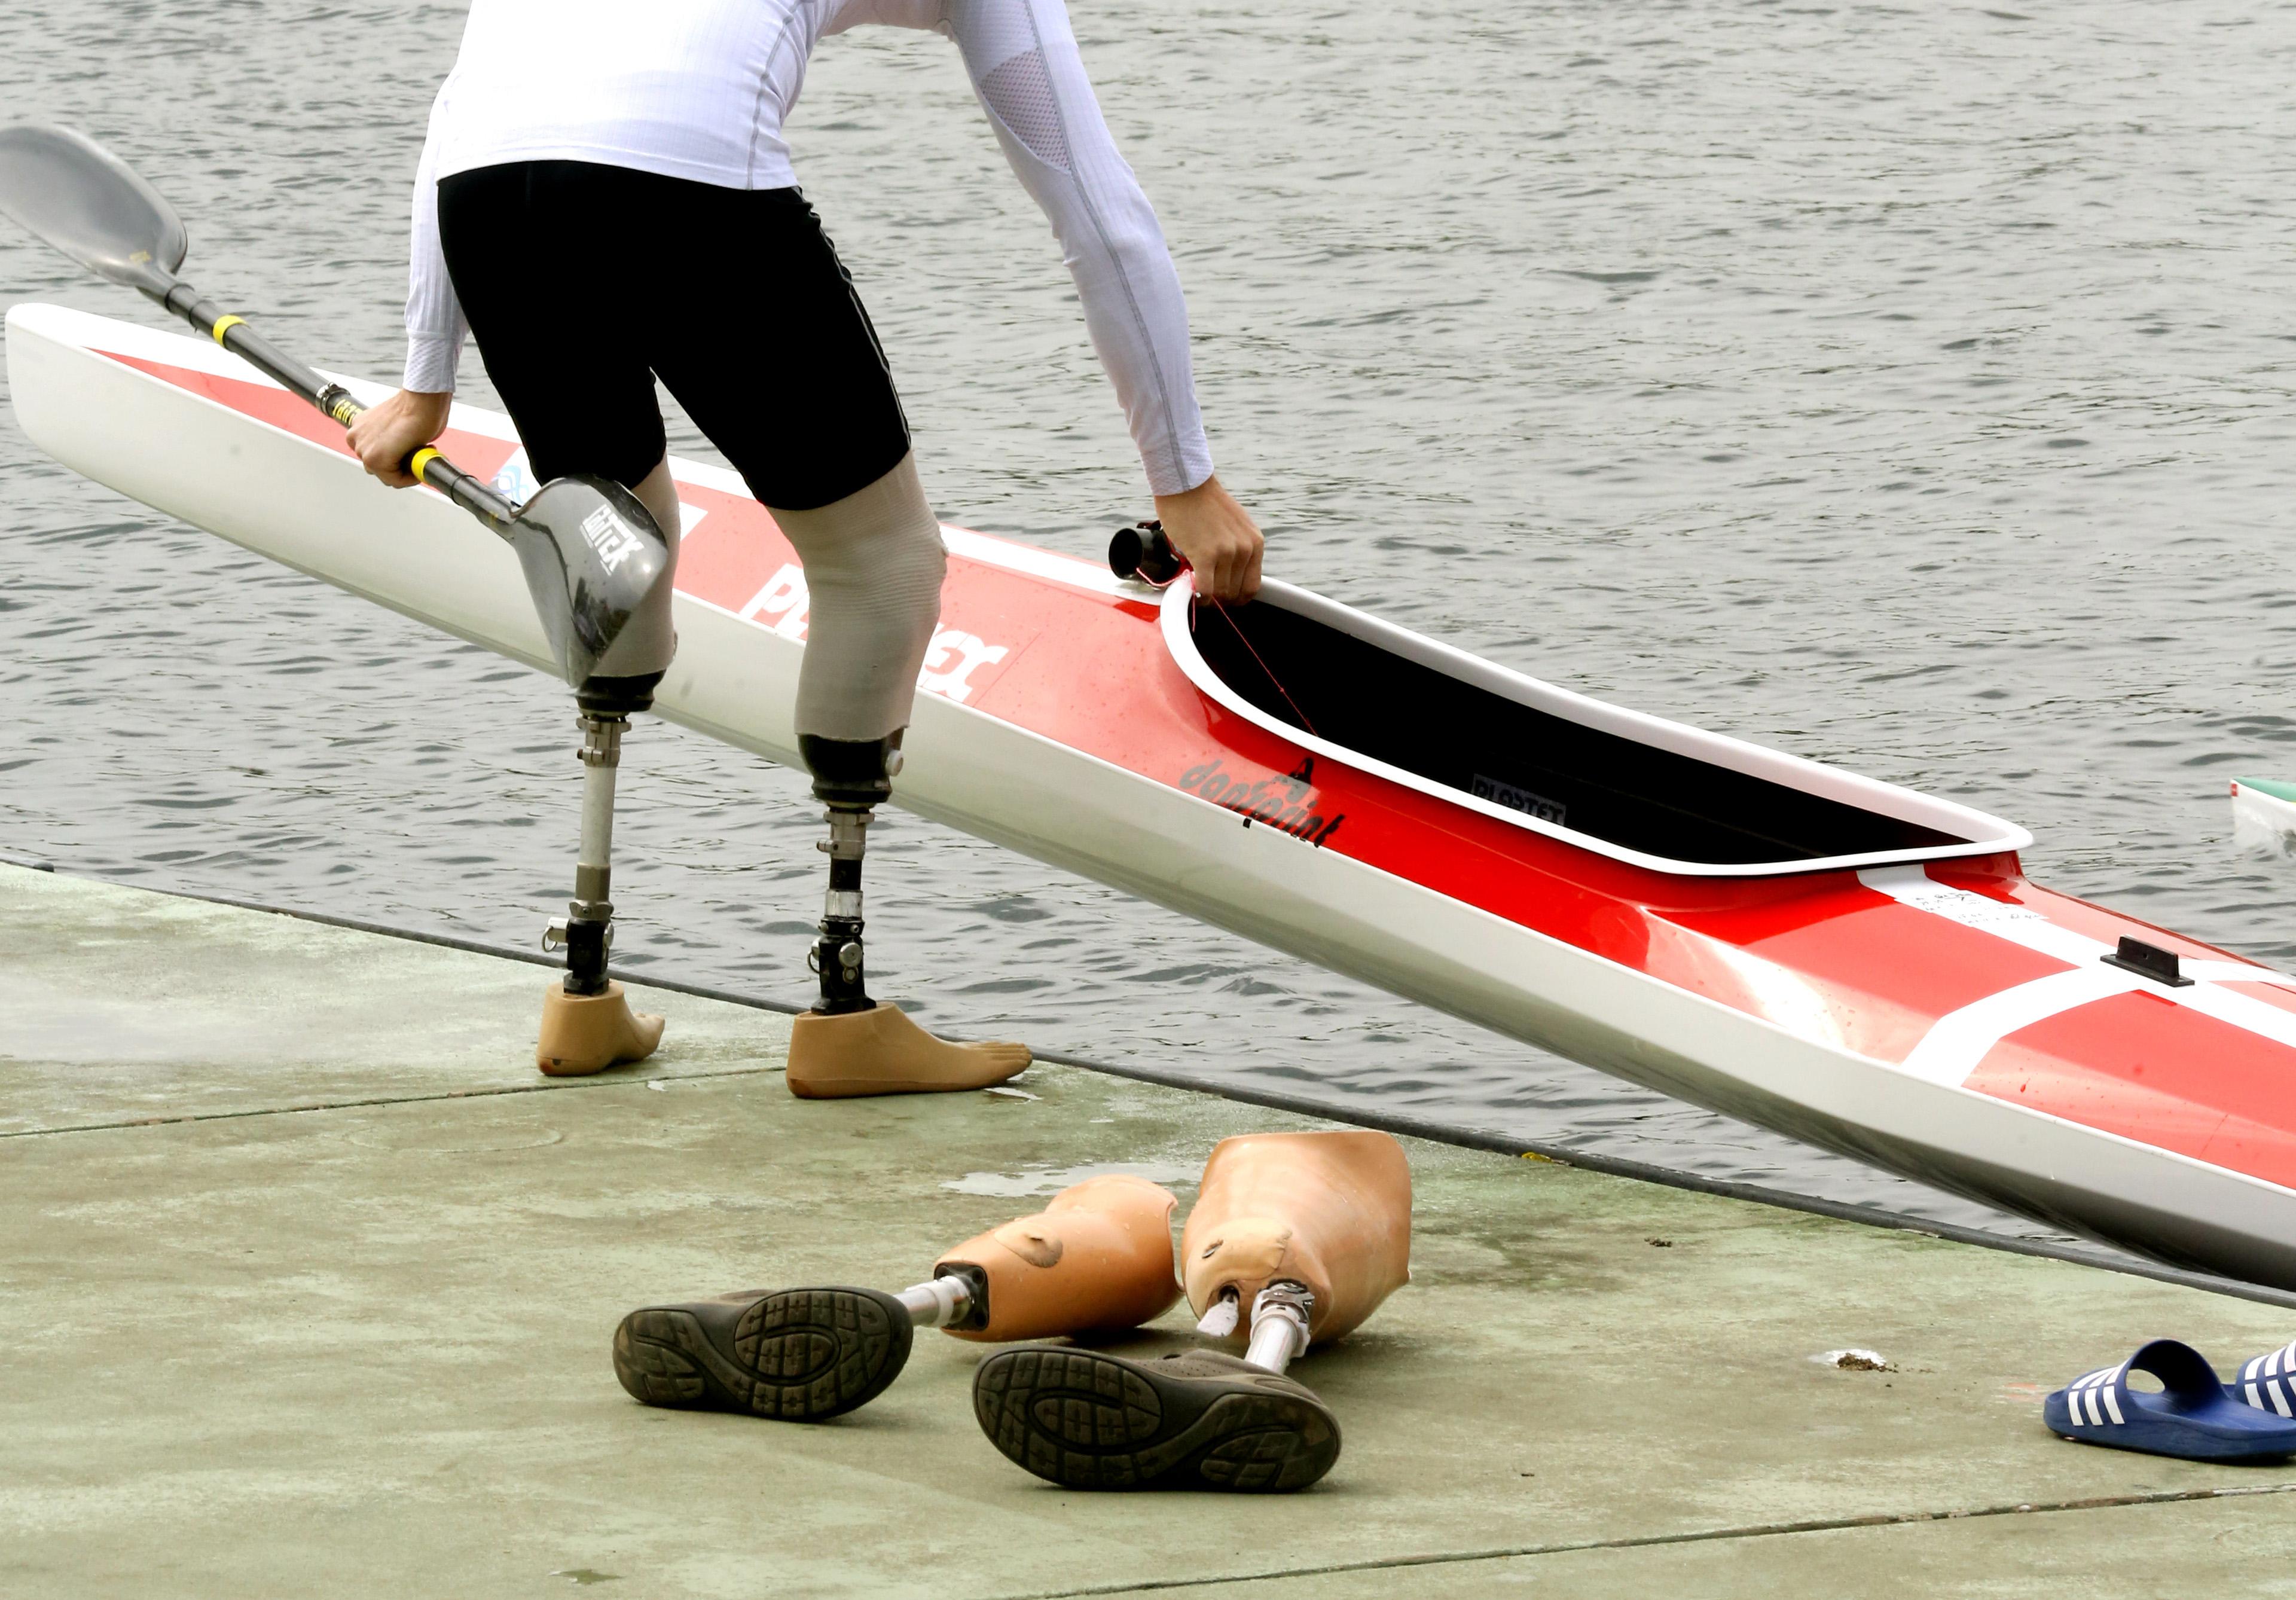 Parakanu: Sportler beim Einstieg